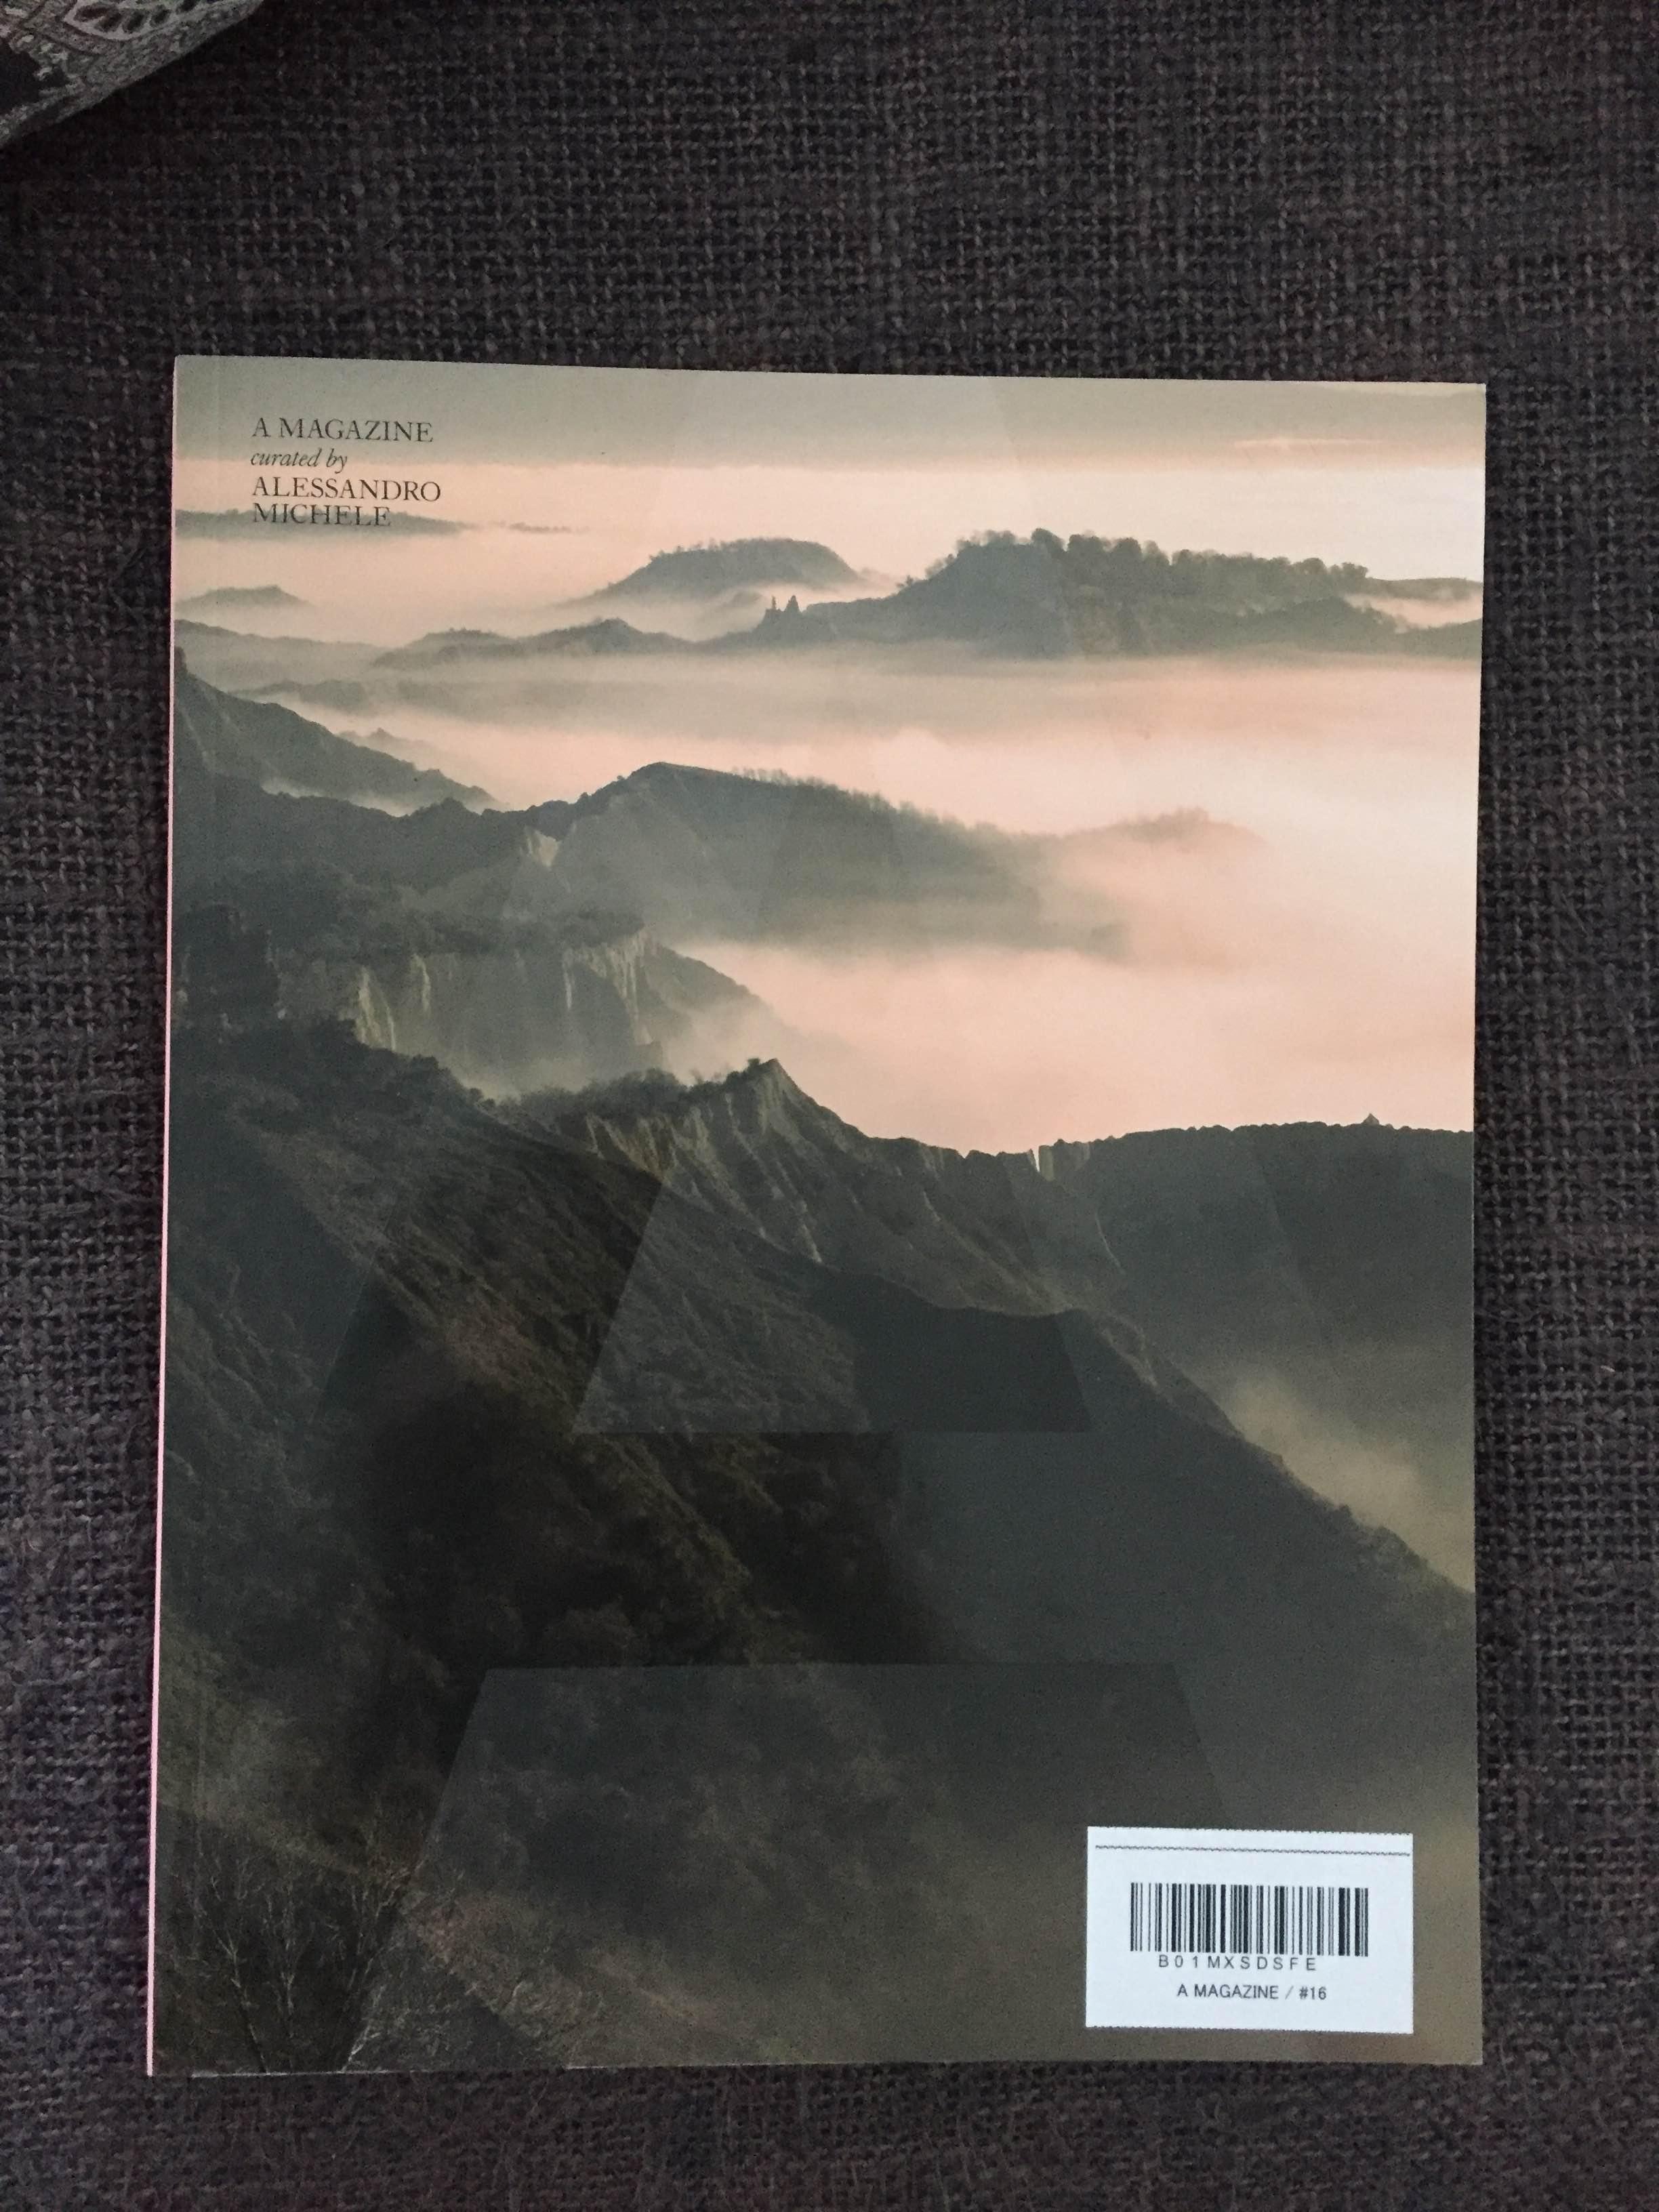 A magazine, alessandromichele, gucci